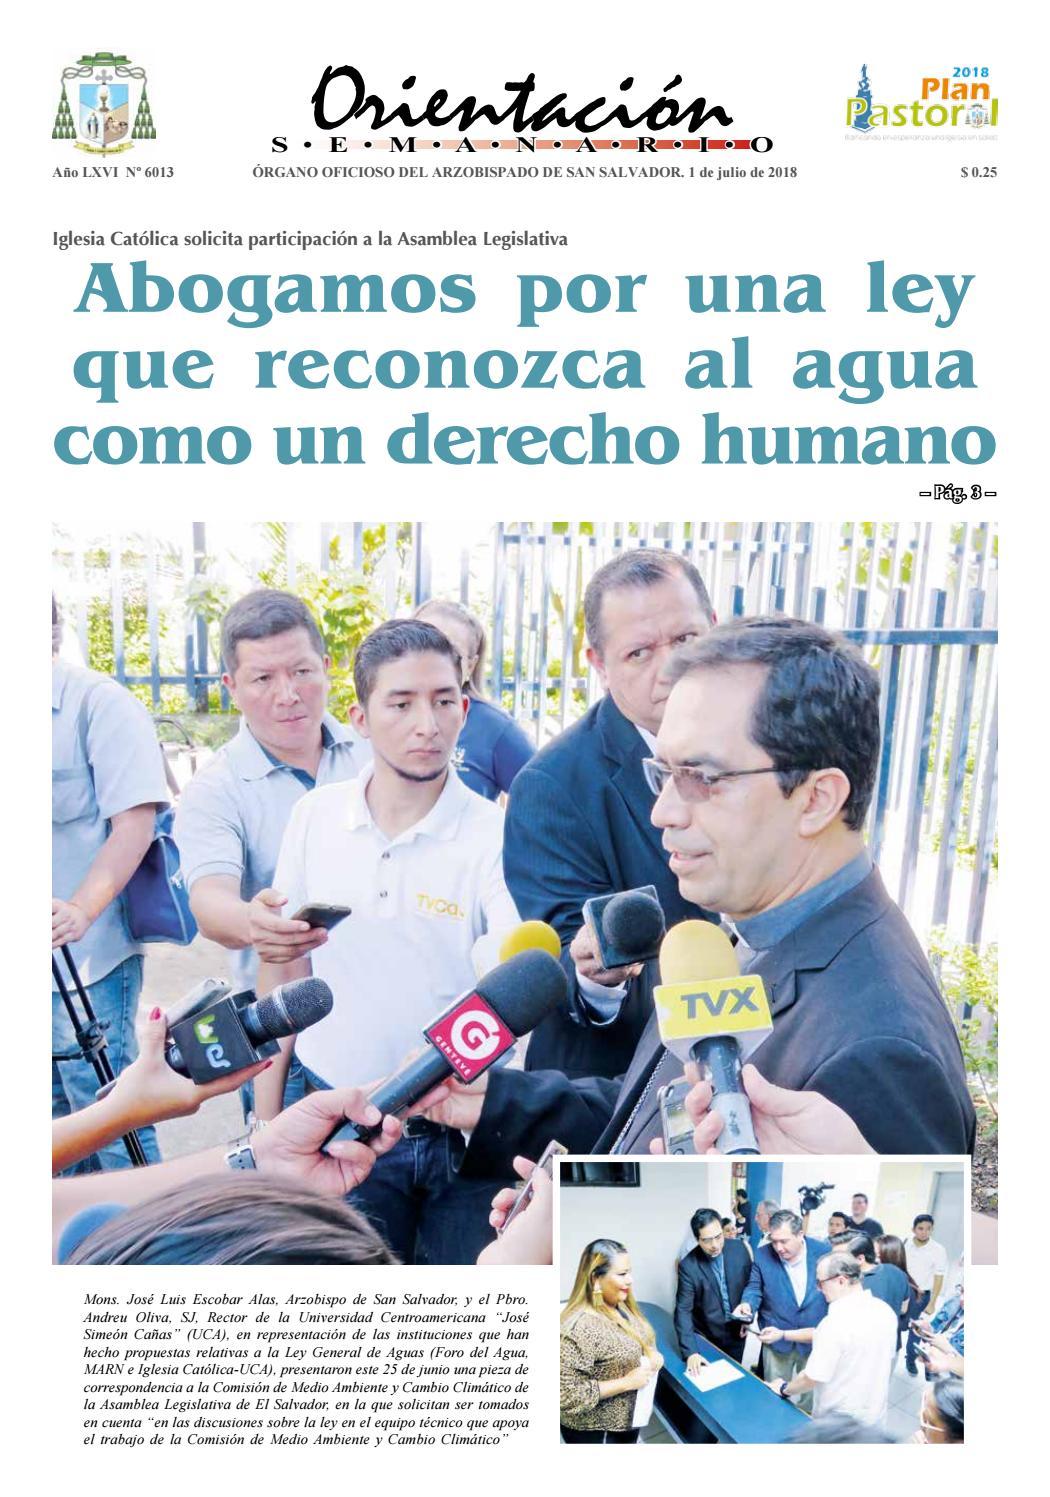 eb2176f849931 Semanario Orientación 1 julio de 2018 by Arzobispado de San Salvador - issuu